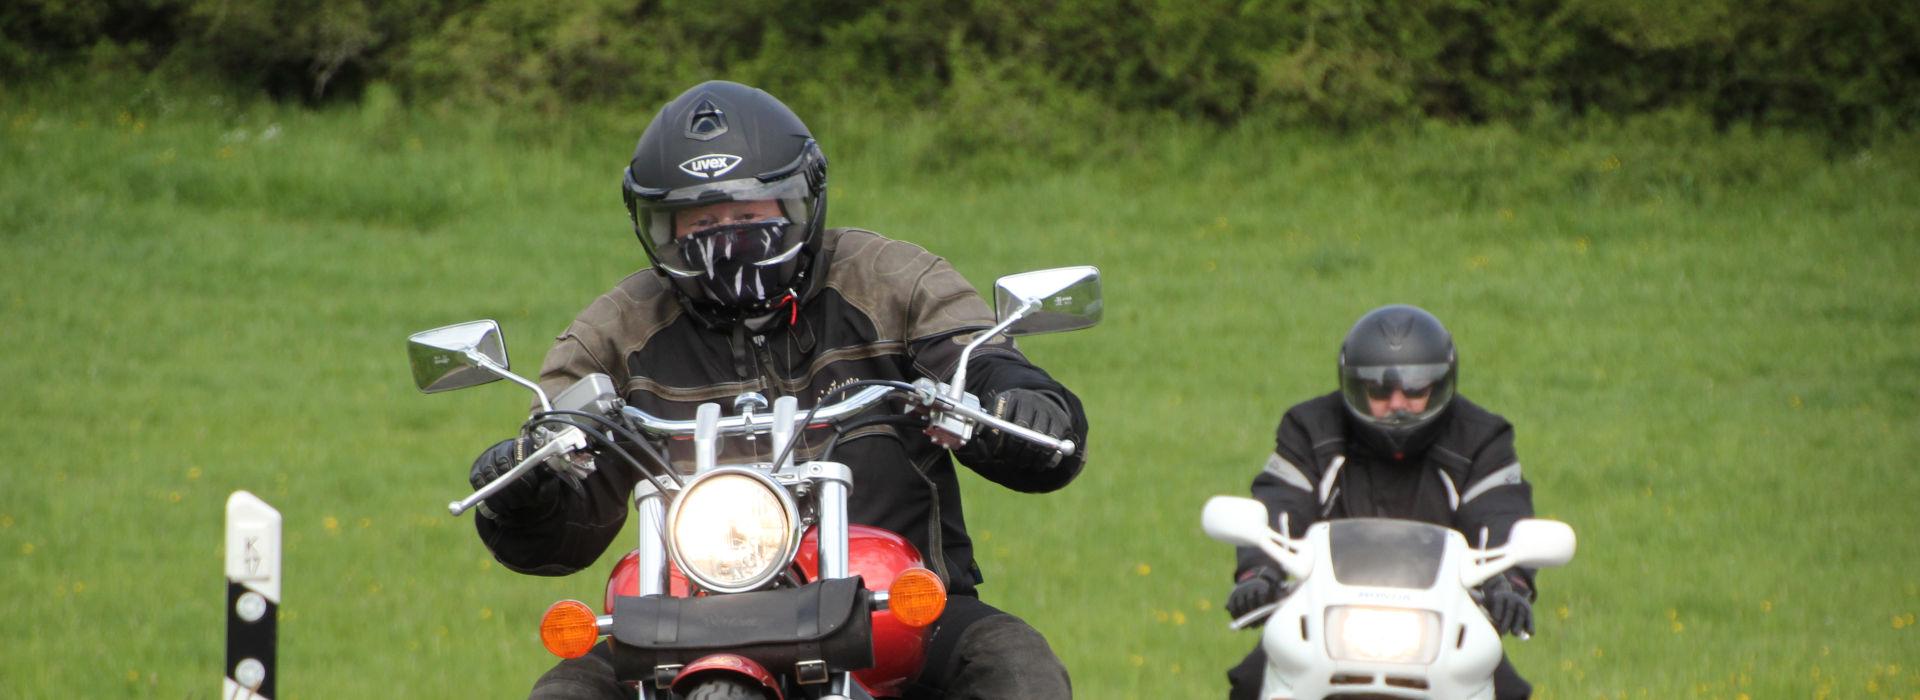 Motorrijbewijspoint Wieringerwaard motorrijlessen